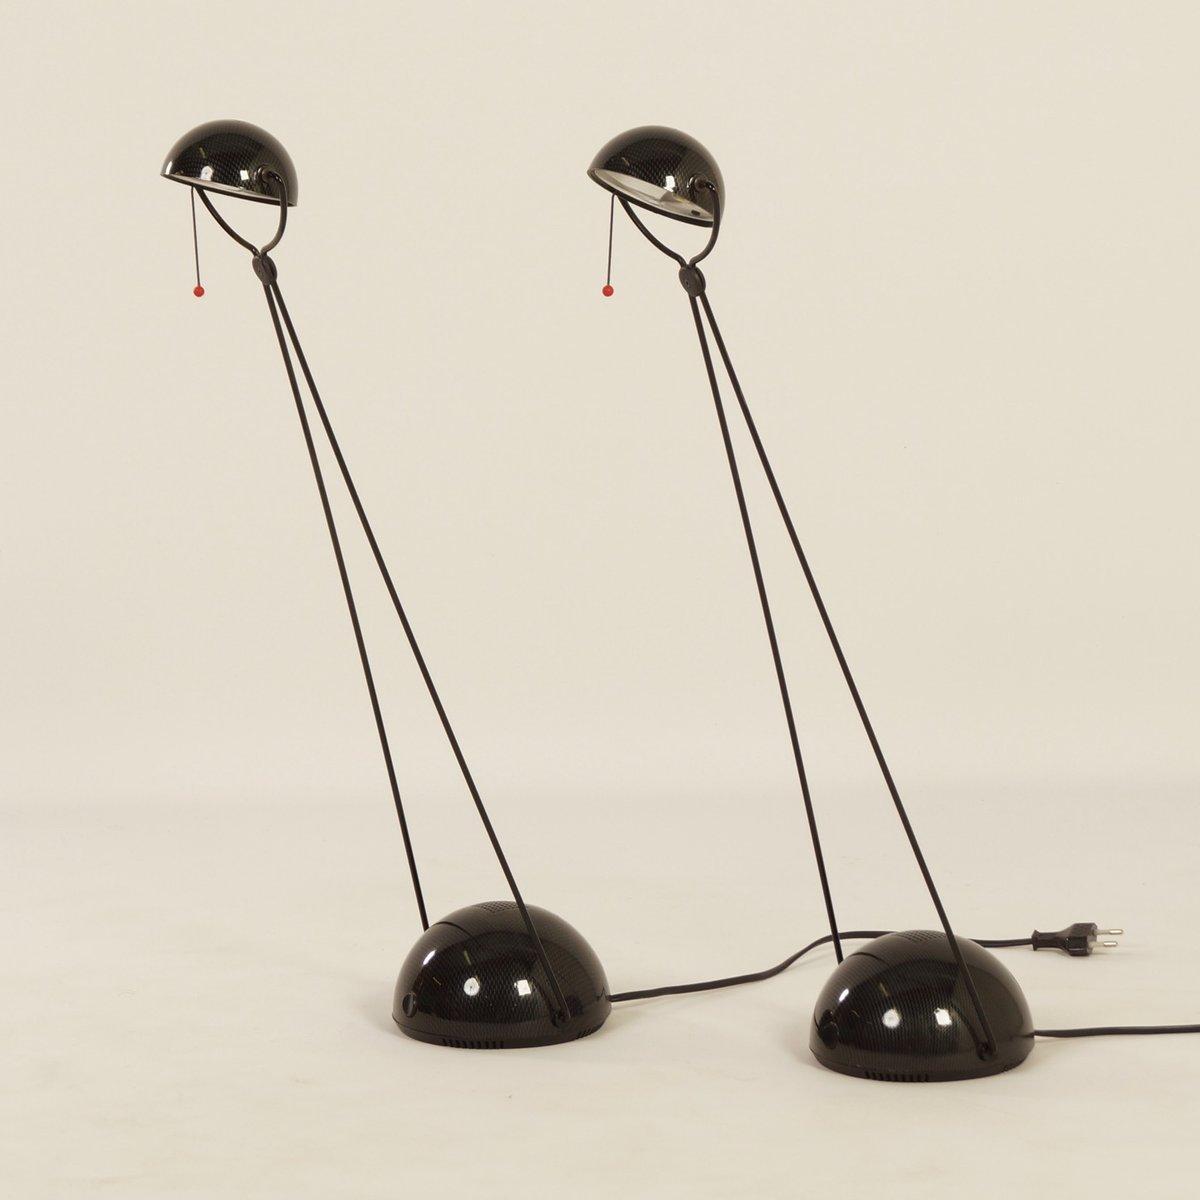 Meridiana Schreibtischlampen von Paolo Piva für Stefano Cevoli, 1980er...